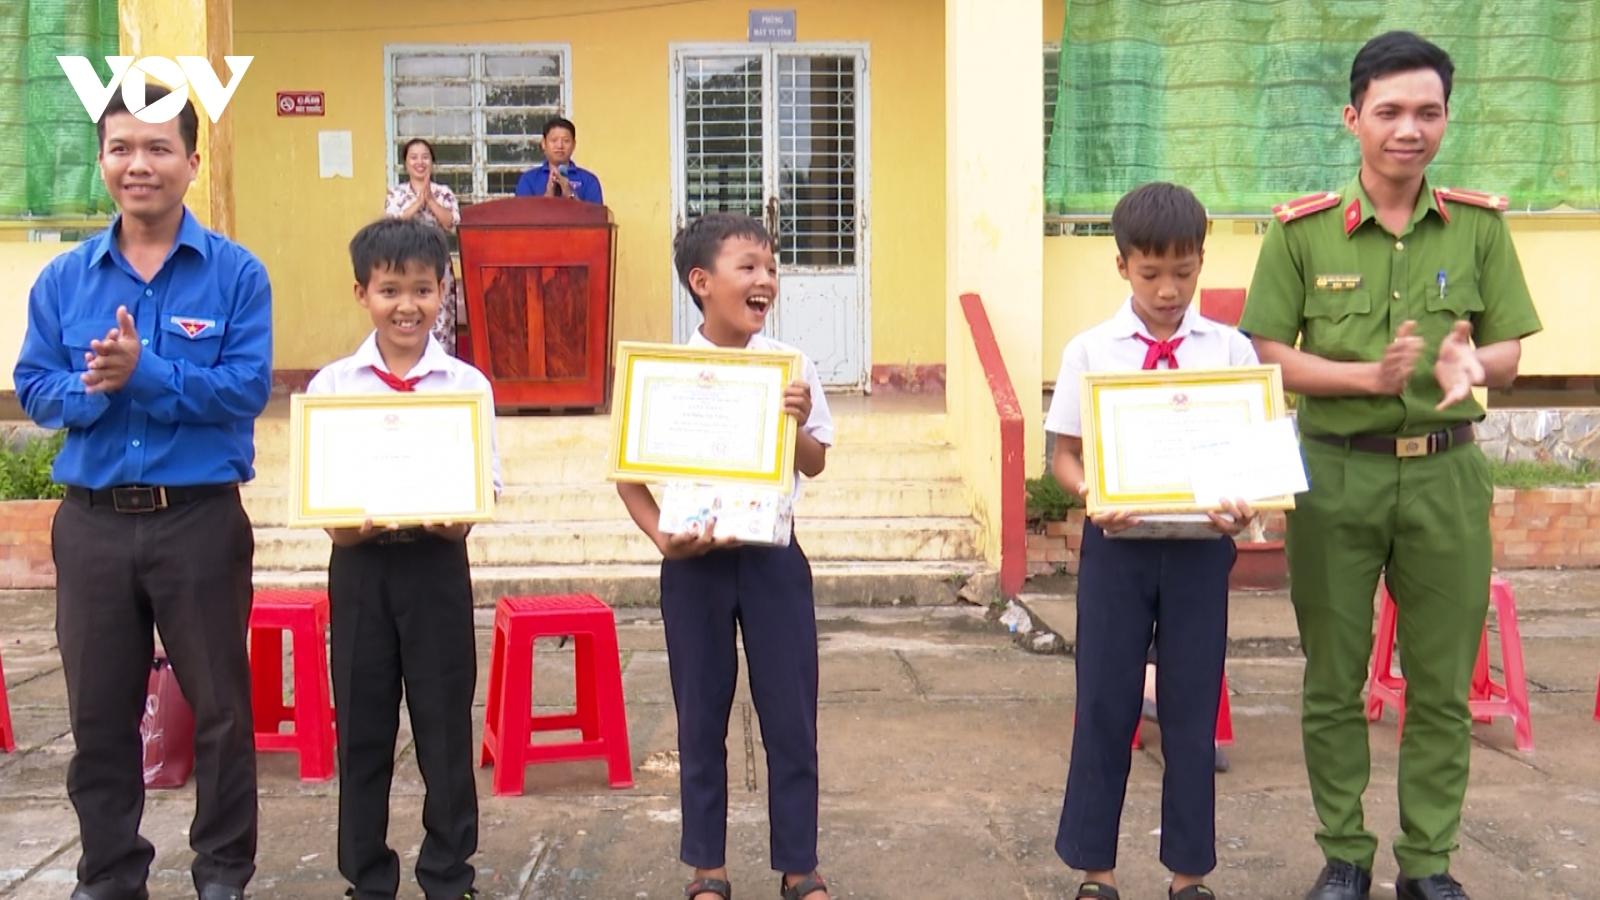 Tuyên dương 3 học sinh nhặt được của rơi trả lại người đánh mất